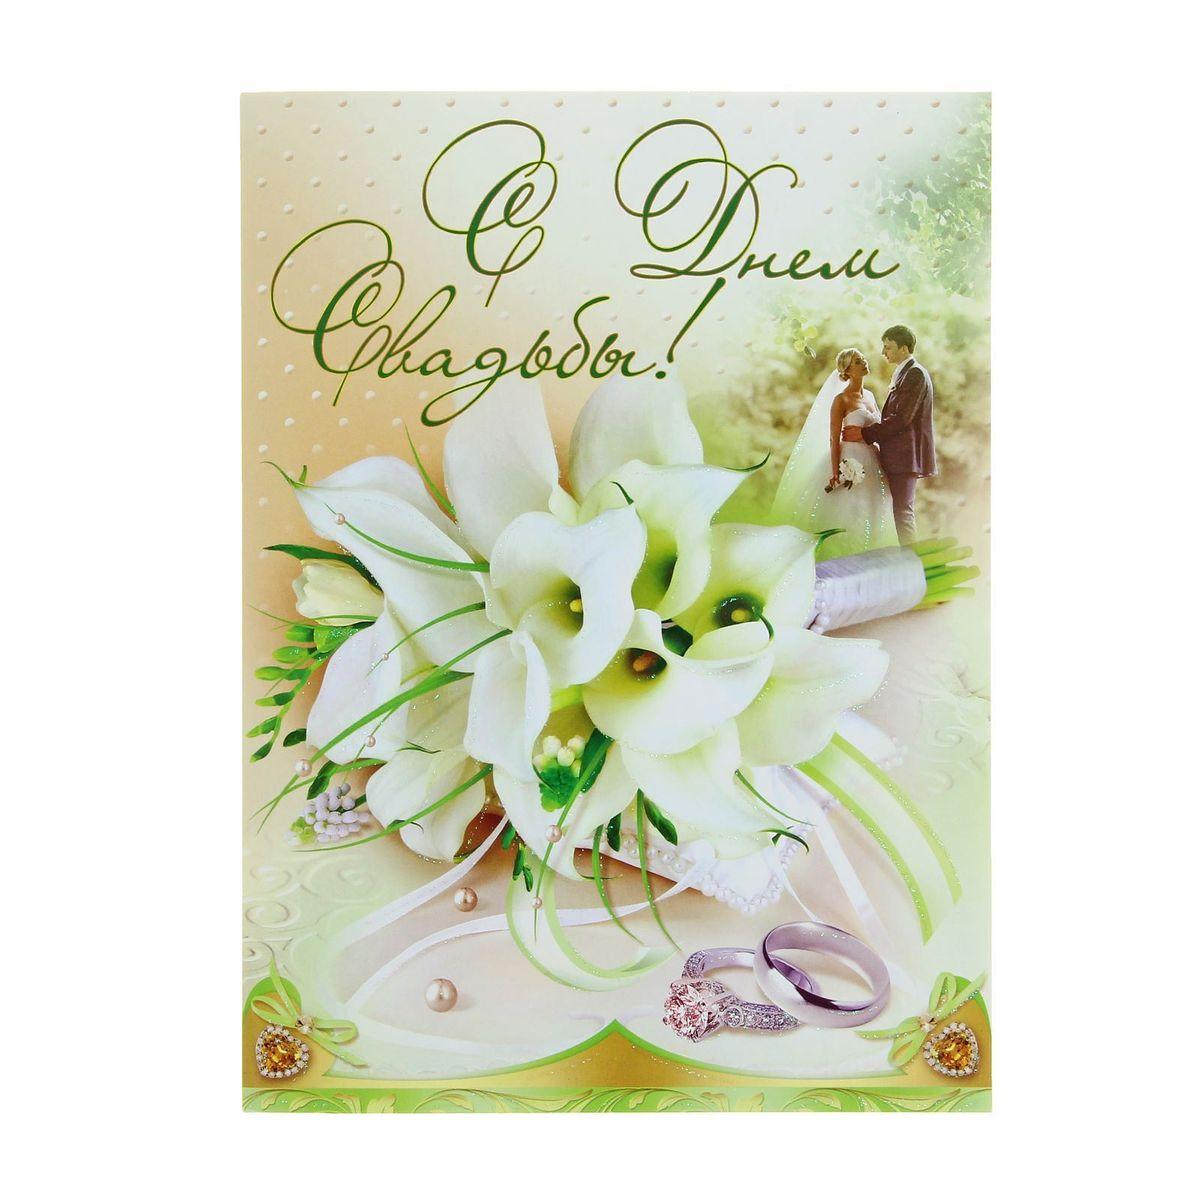 Открытка Эдельвейс С днем свадьбы!. 11487001148700Если вы хотите порадовать себя или близких, создать праздничное настроение и с улыбкой провести памятный день, то вы, несомненно, сделали правильный выбор! Открытка Эдельвейс С днем свадьбы!, выполненная из плотной бумаги, отличается не только оригинальным дизайном, но и высоким качеством.